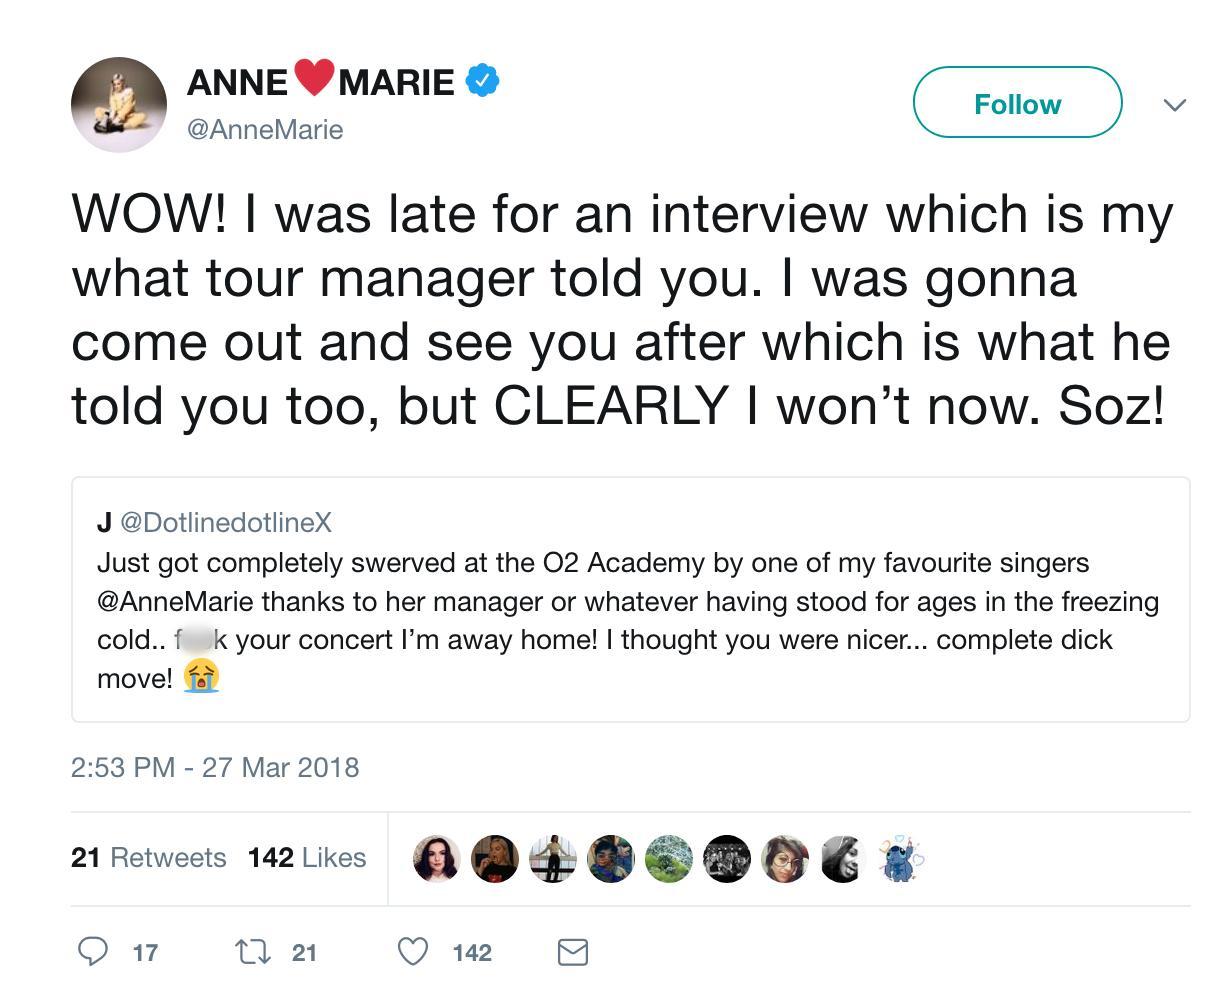 Anne-Marie Tweet 1